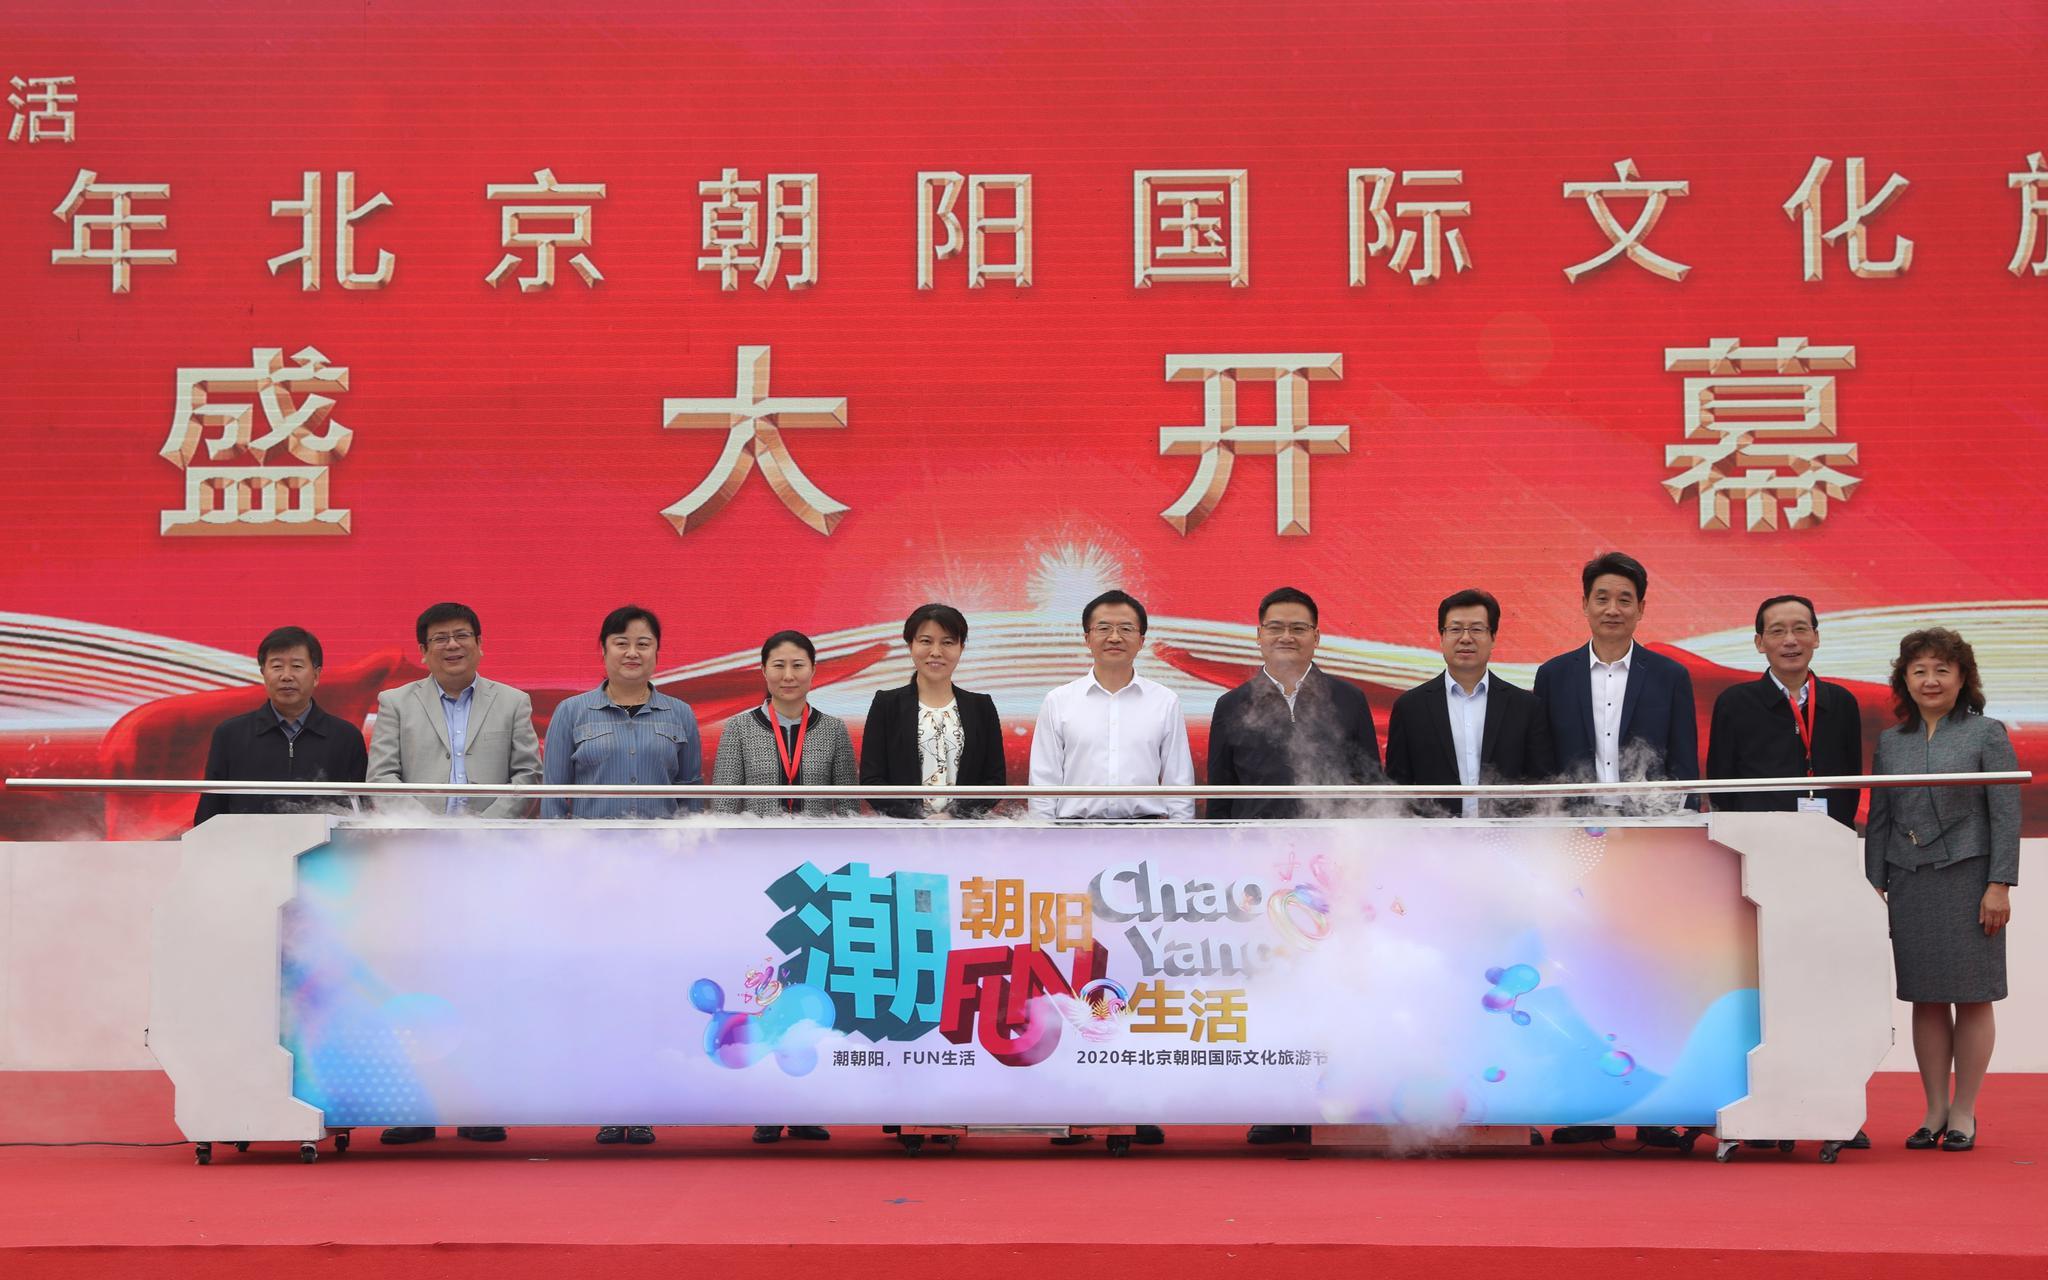 朝阳国际文旅节开幕,上演露天电影周、古玩集市等活动图片